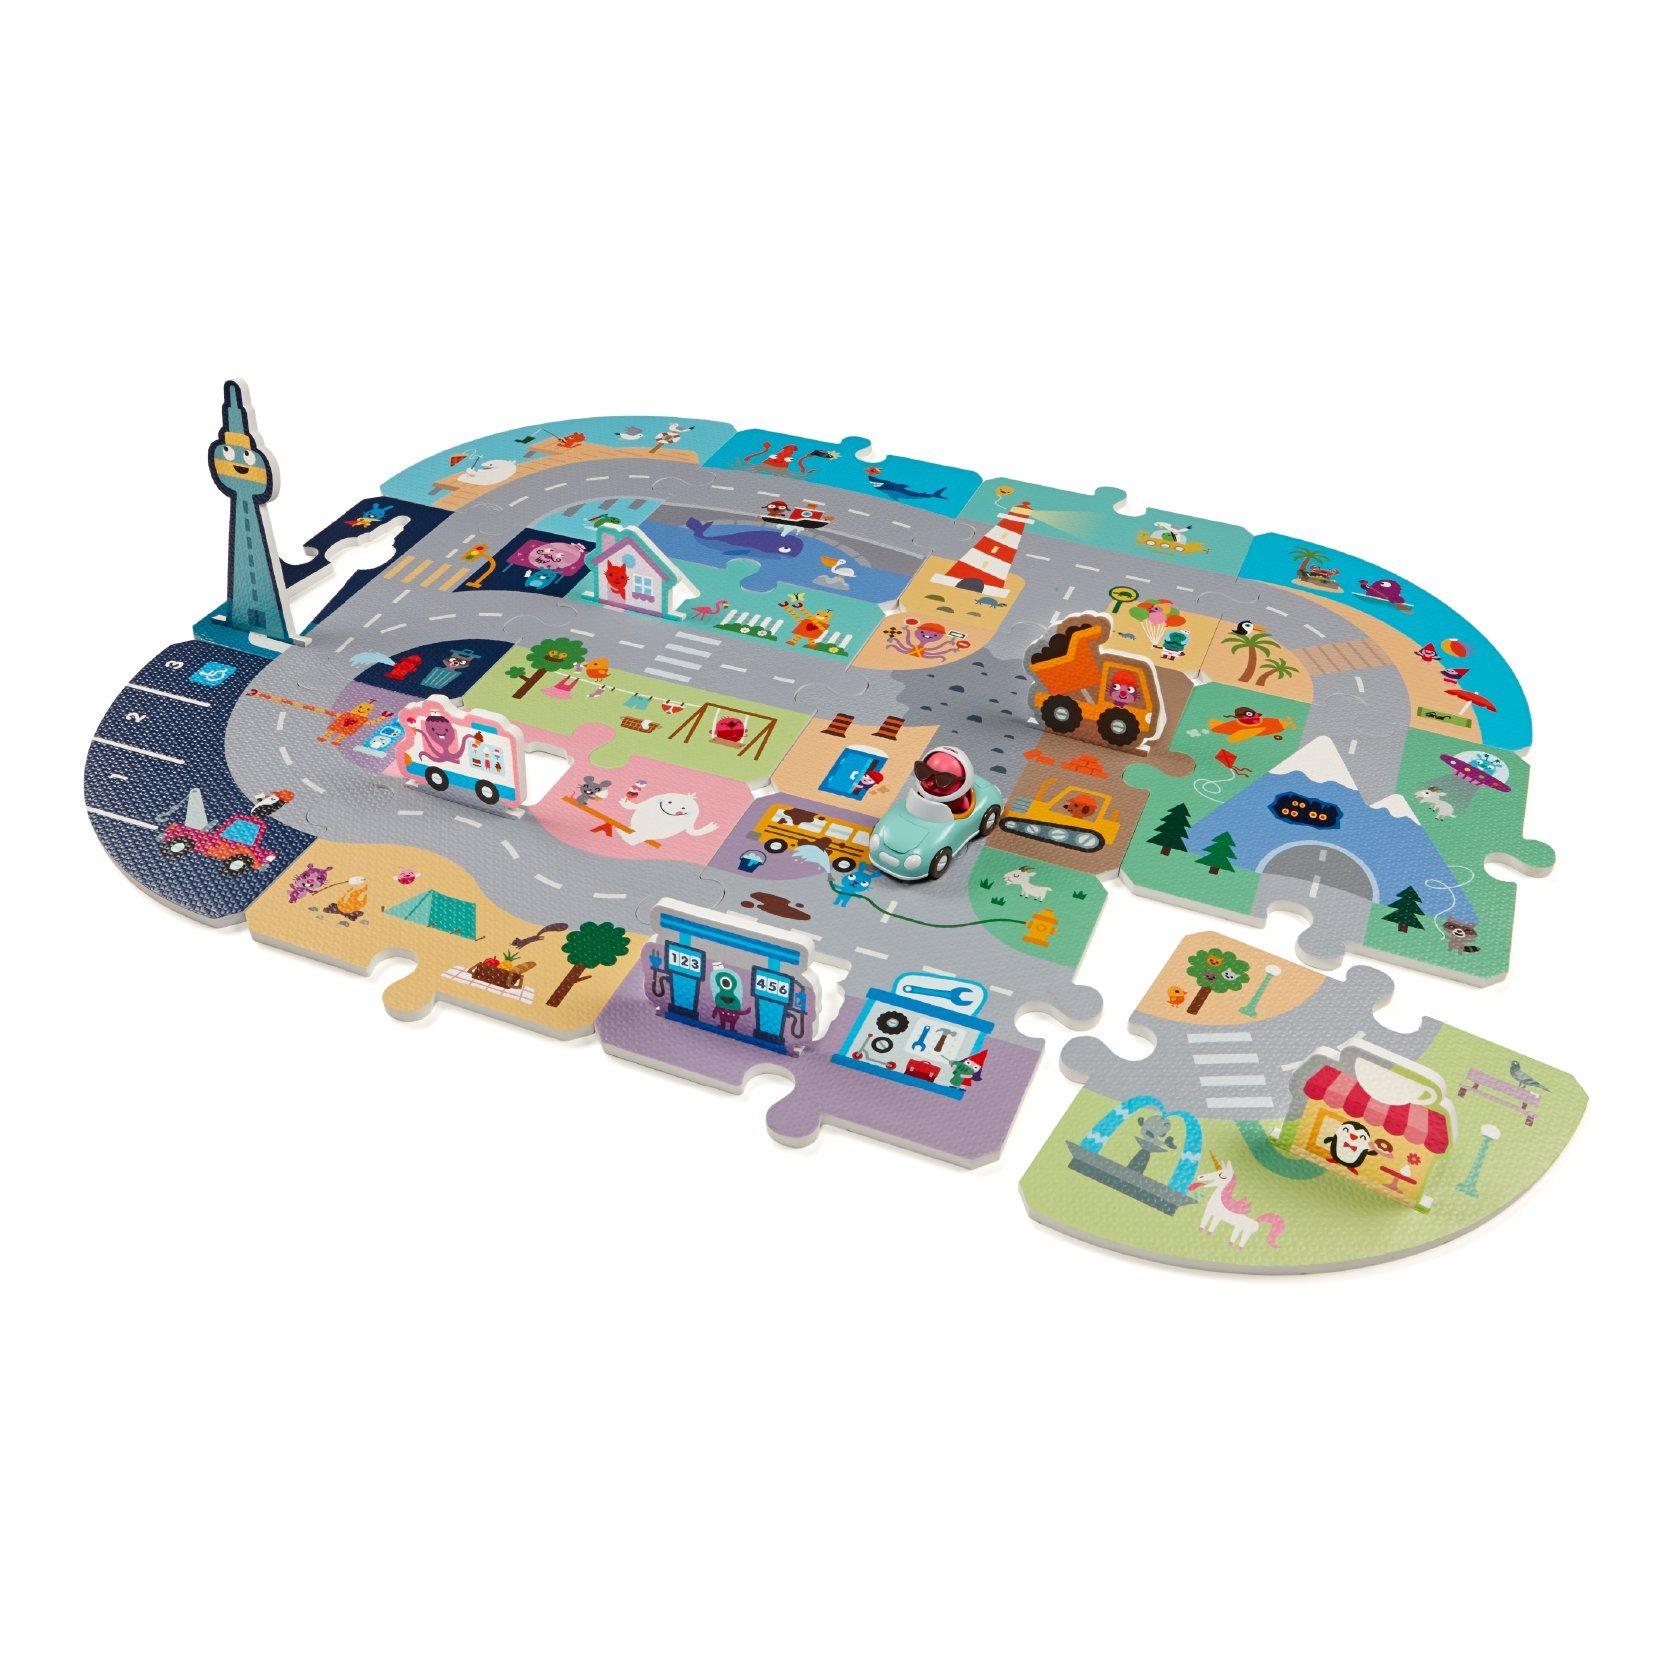 Sago Mini - Puzzle Mats - Robin's Roadtrip by Sago Mini